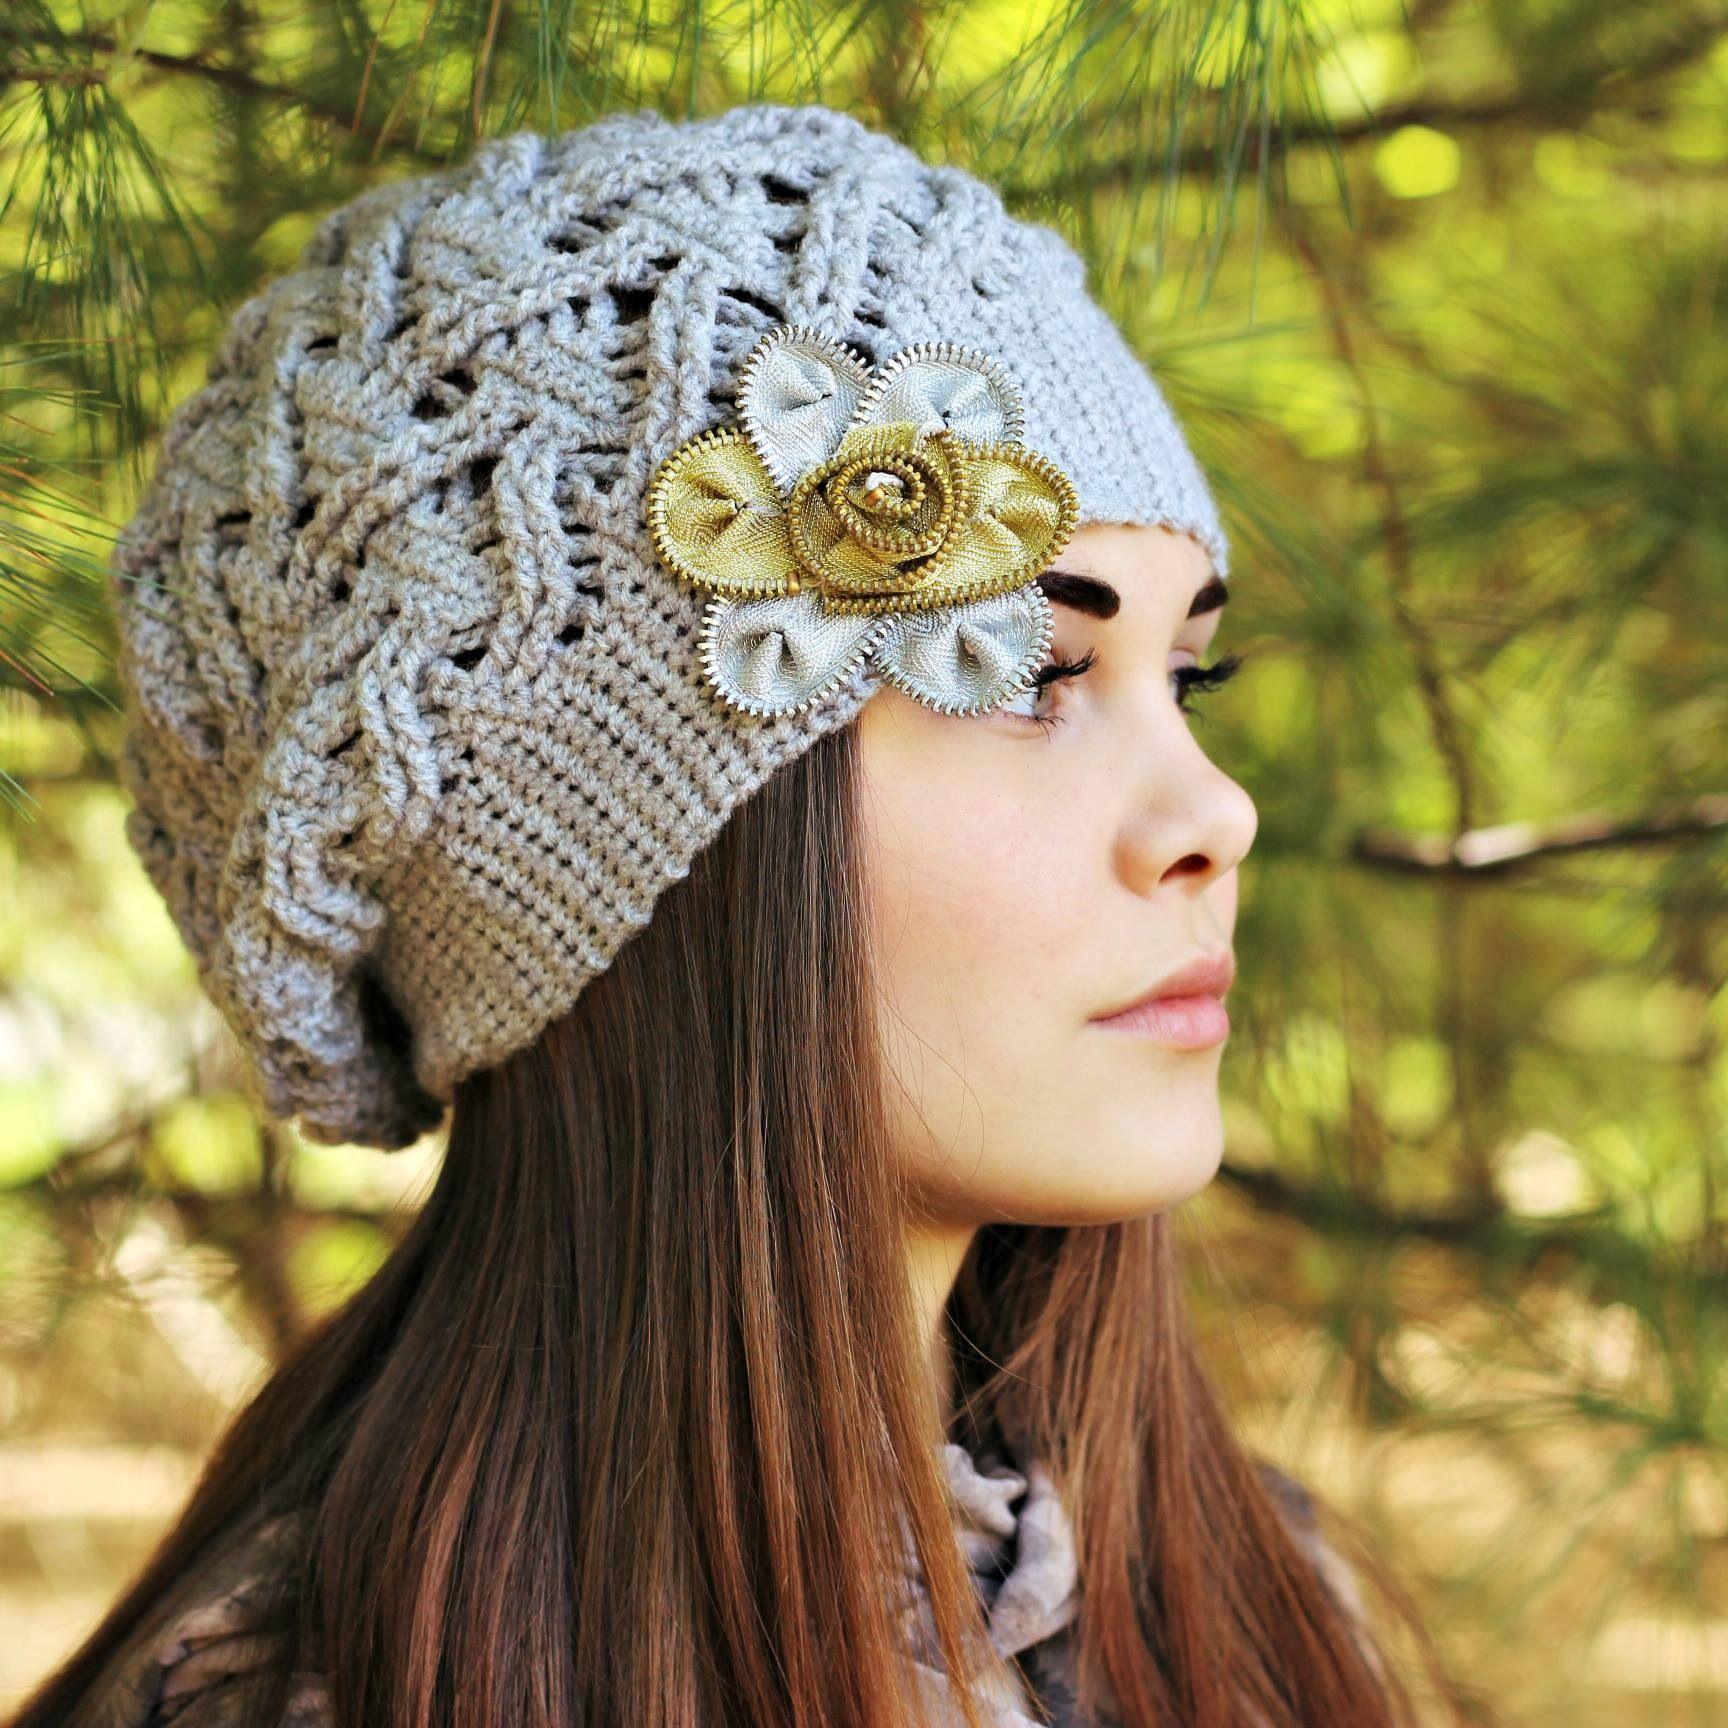 Pin von Liz Walker auf Knitting | Pinterest